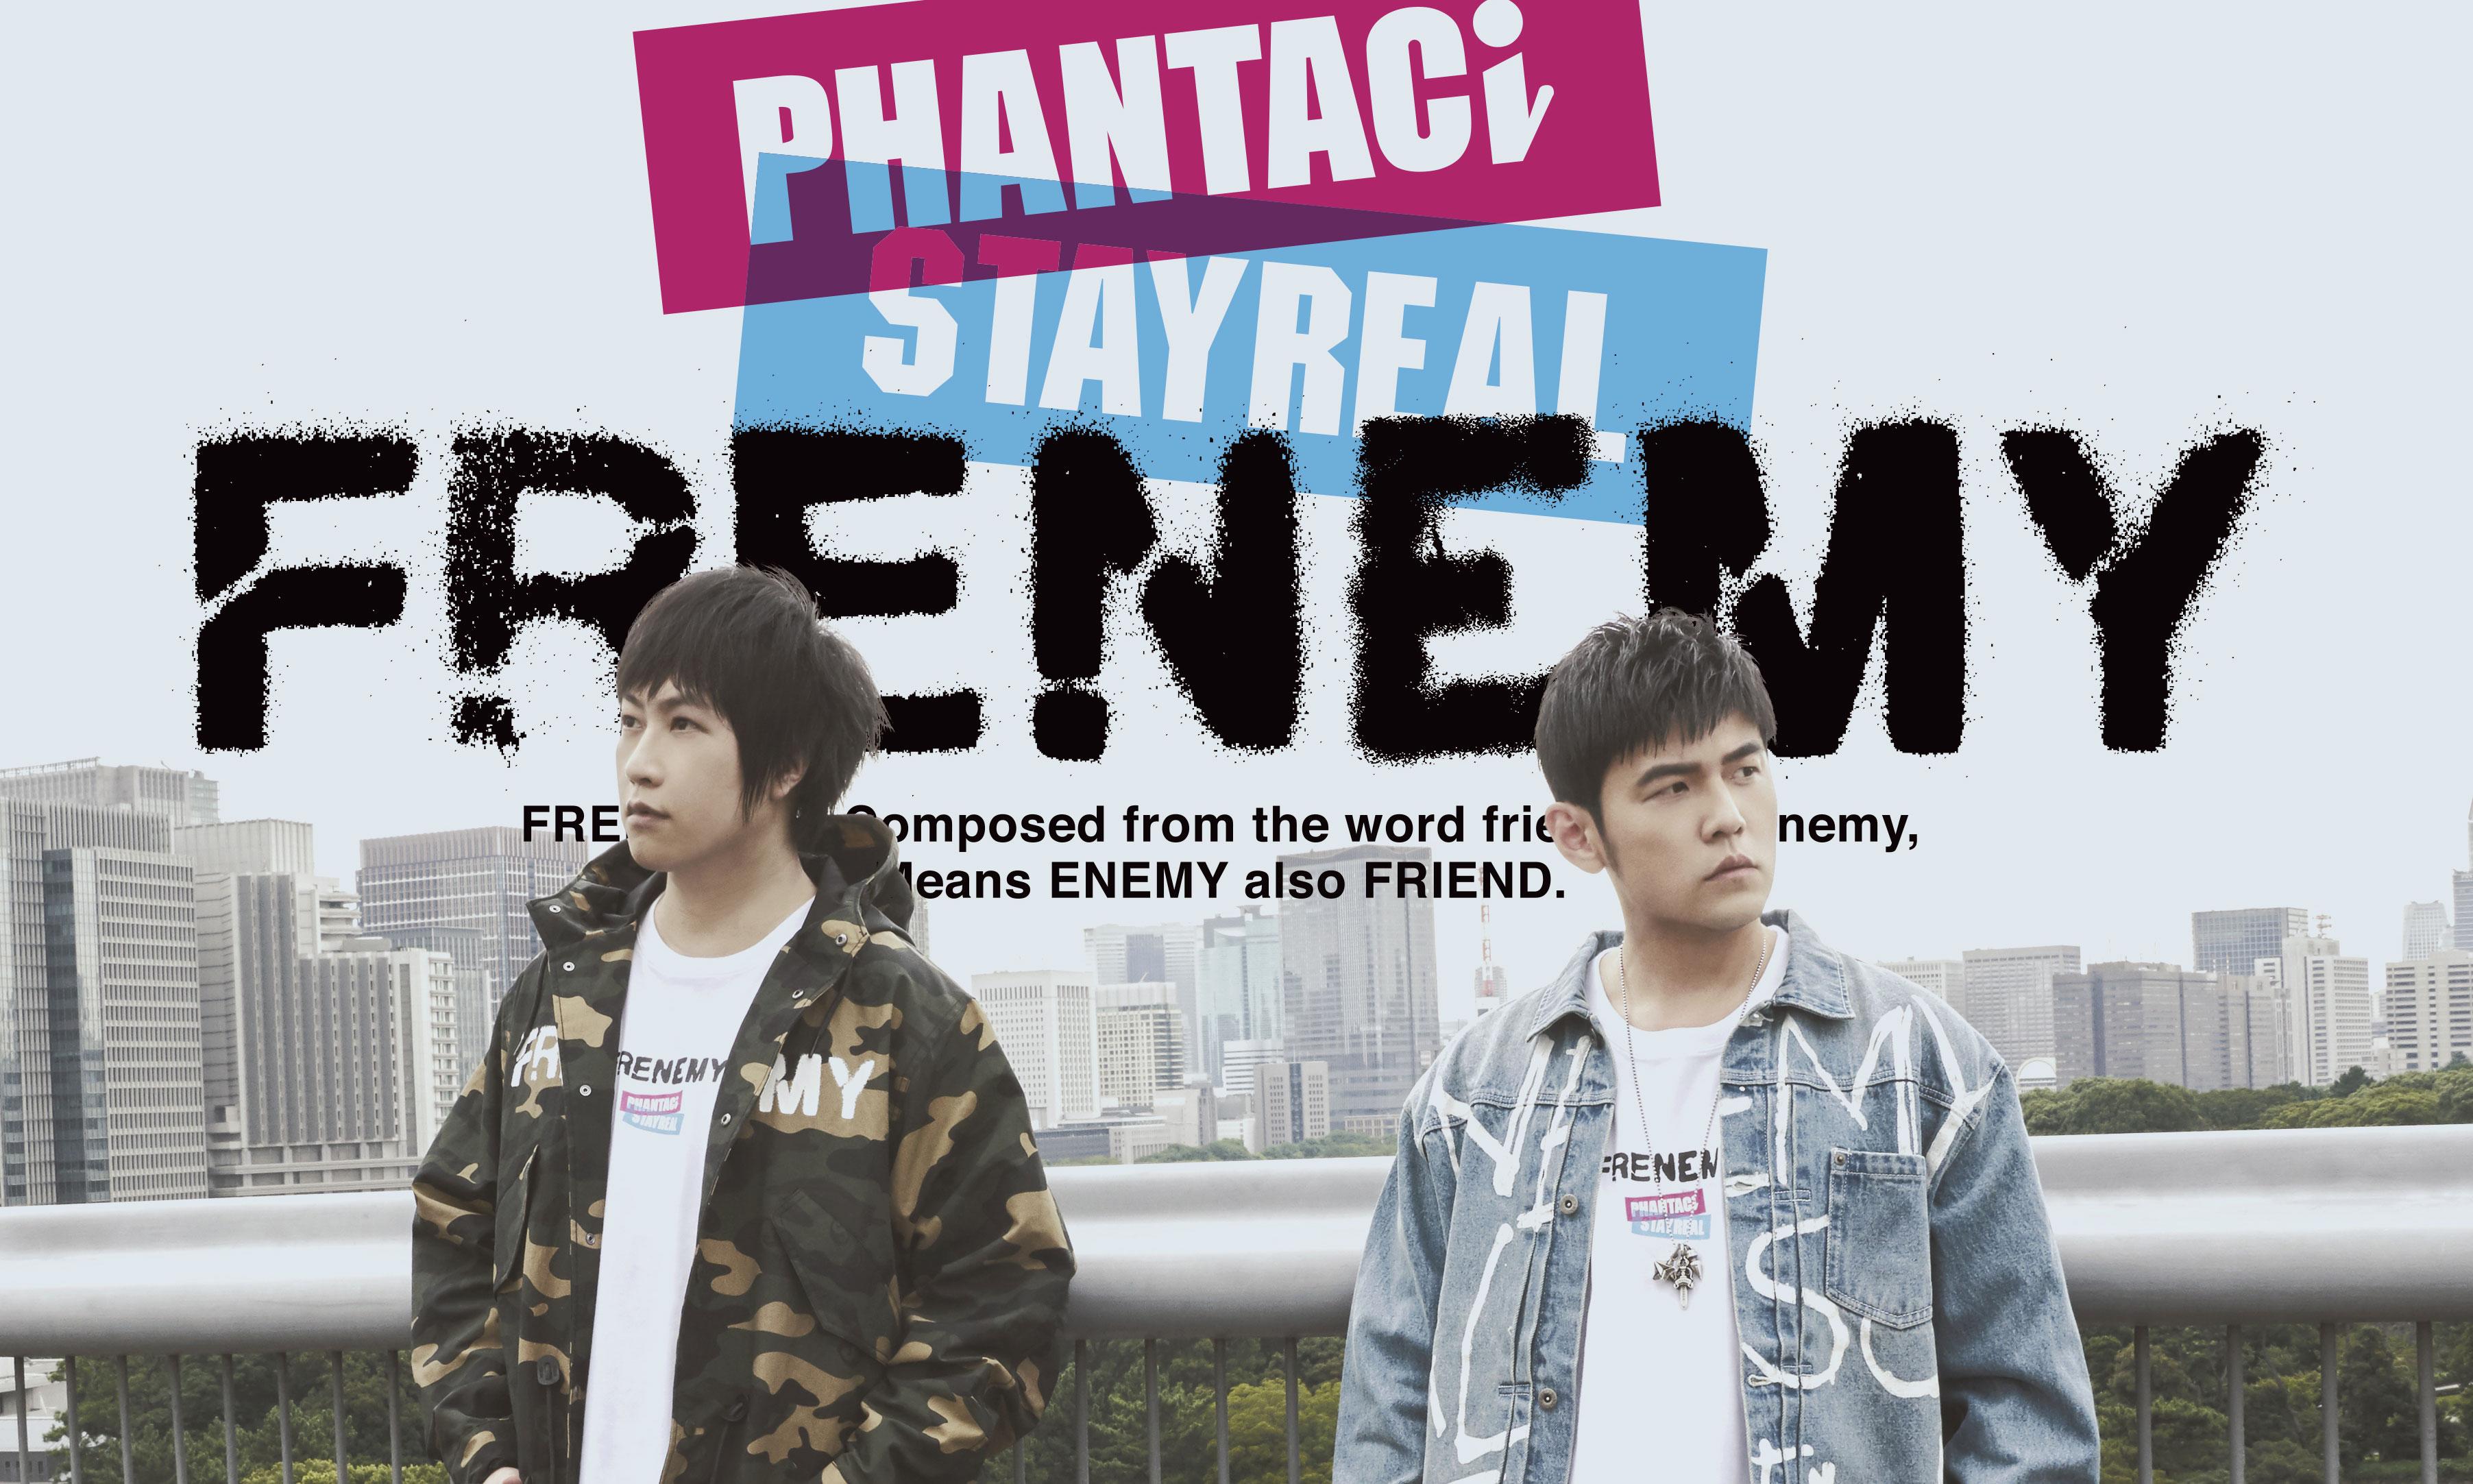 开启全新潮流乐章,STAYREAL x PHANTACi 联名系列释出